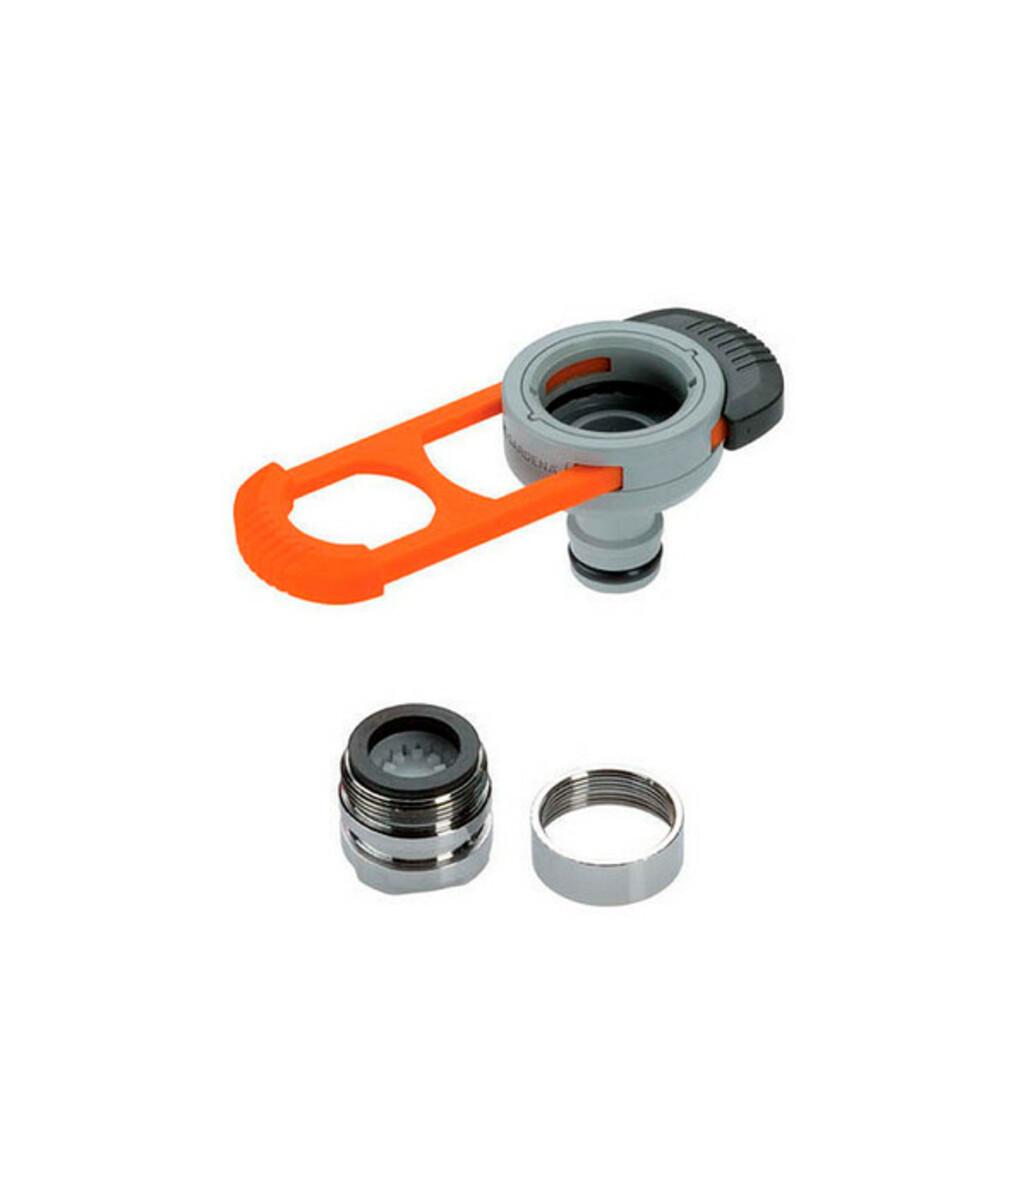 Bild 1 von GARDENA Universal Gartenschlauch-Adapter für Indoor-Wasserhähne